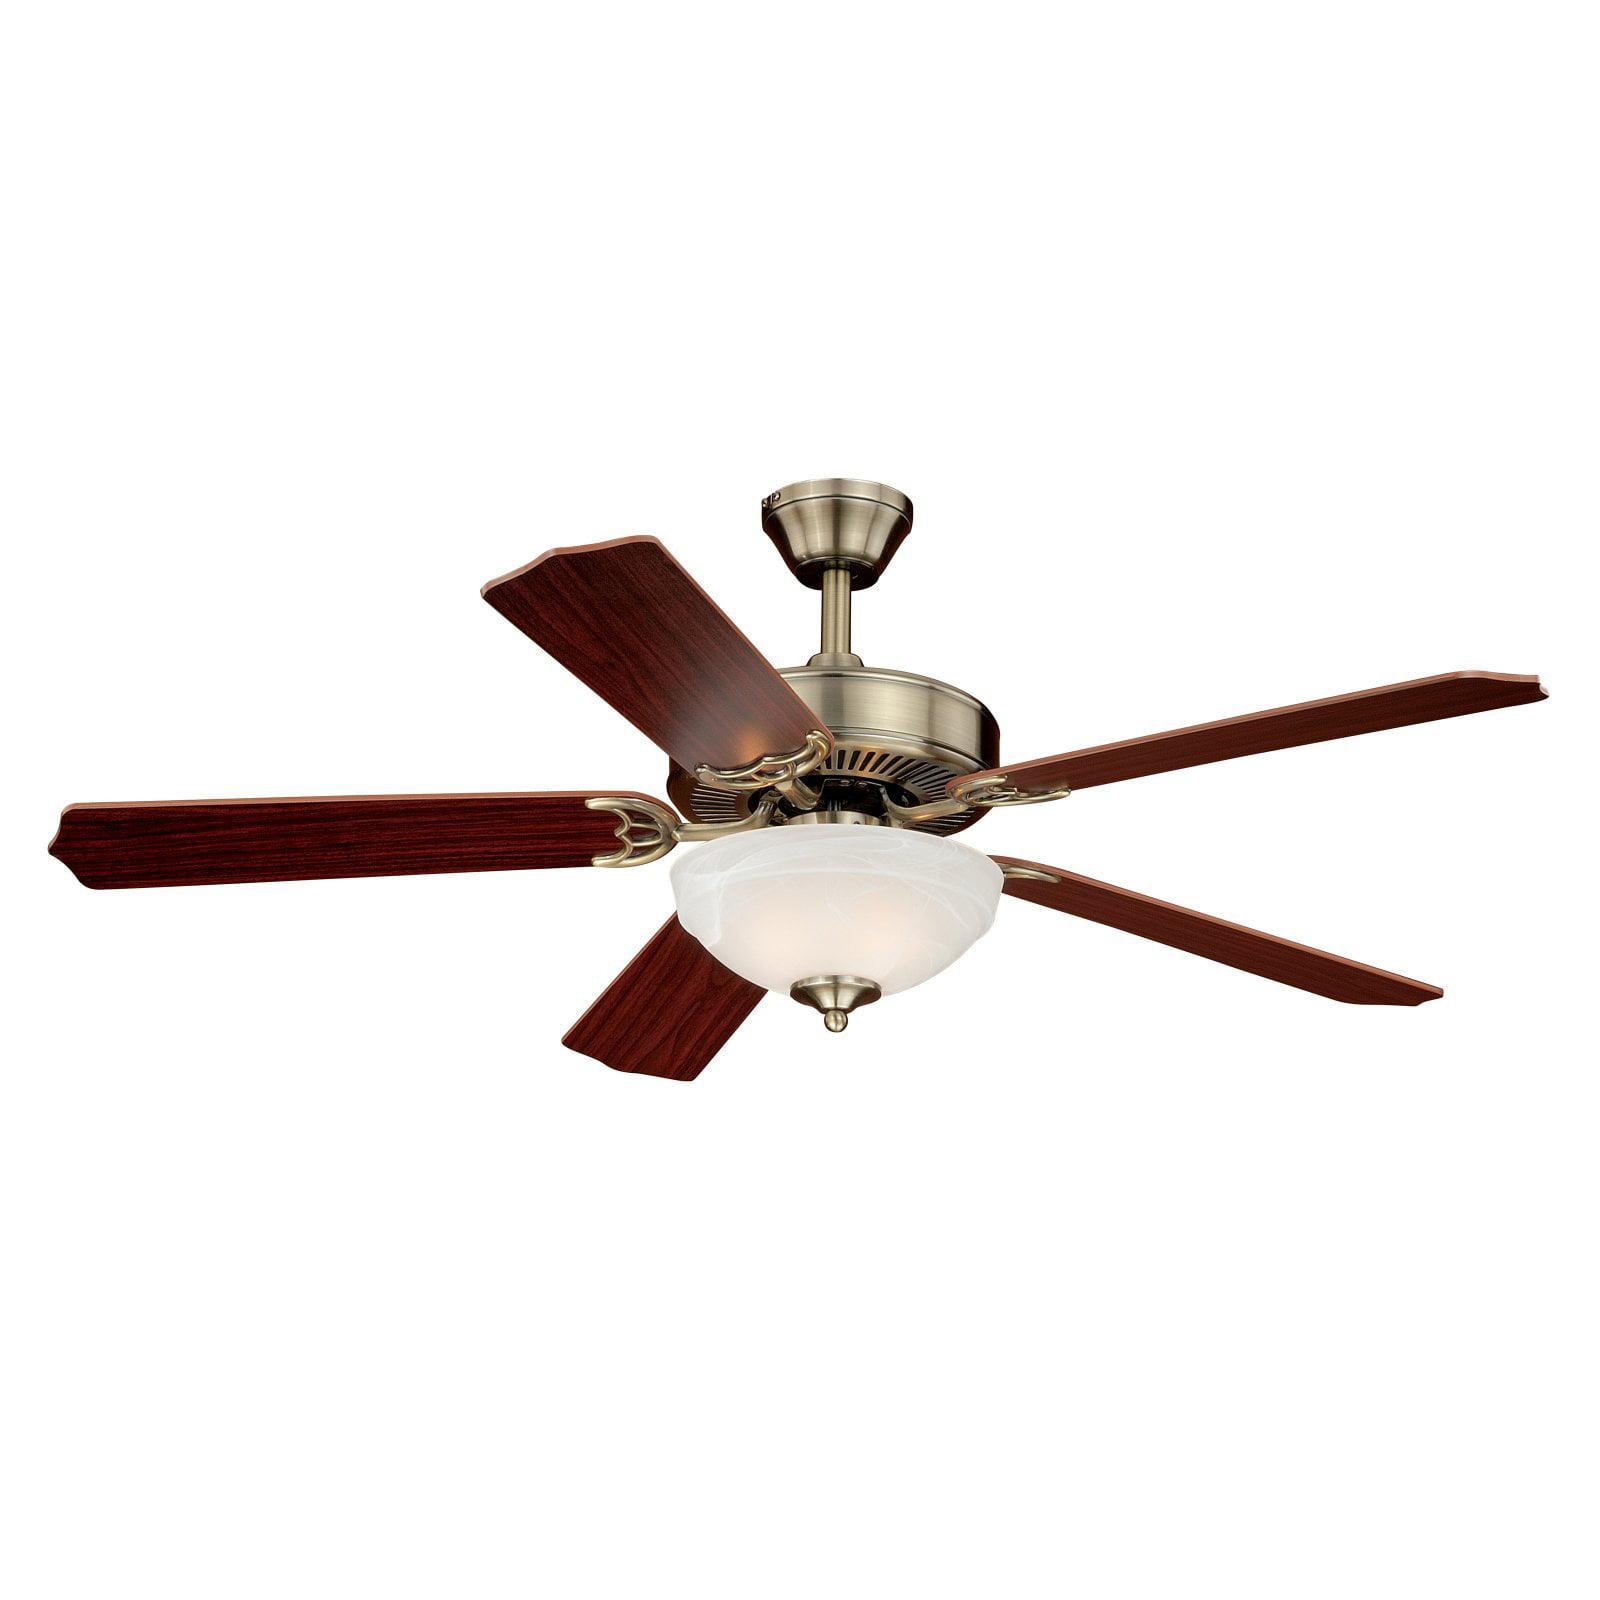 Image of Vaxcel Essentia 52 in. Indoor Ceiling Fan